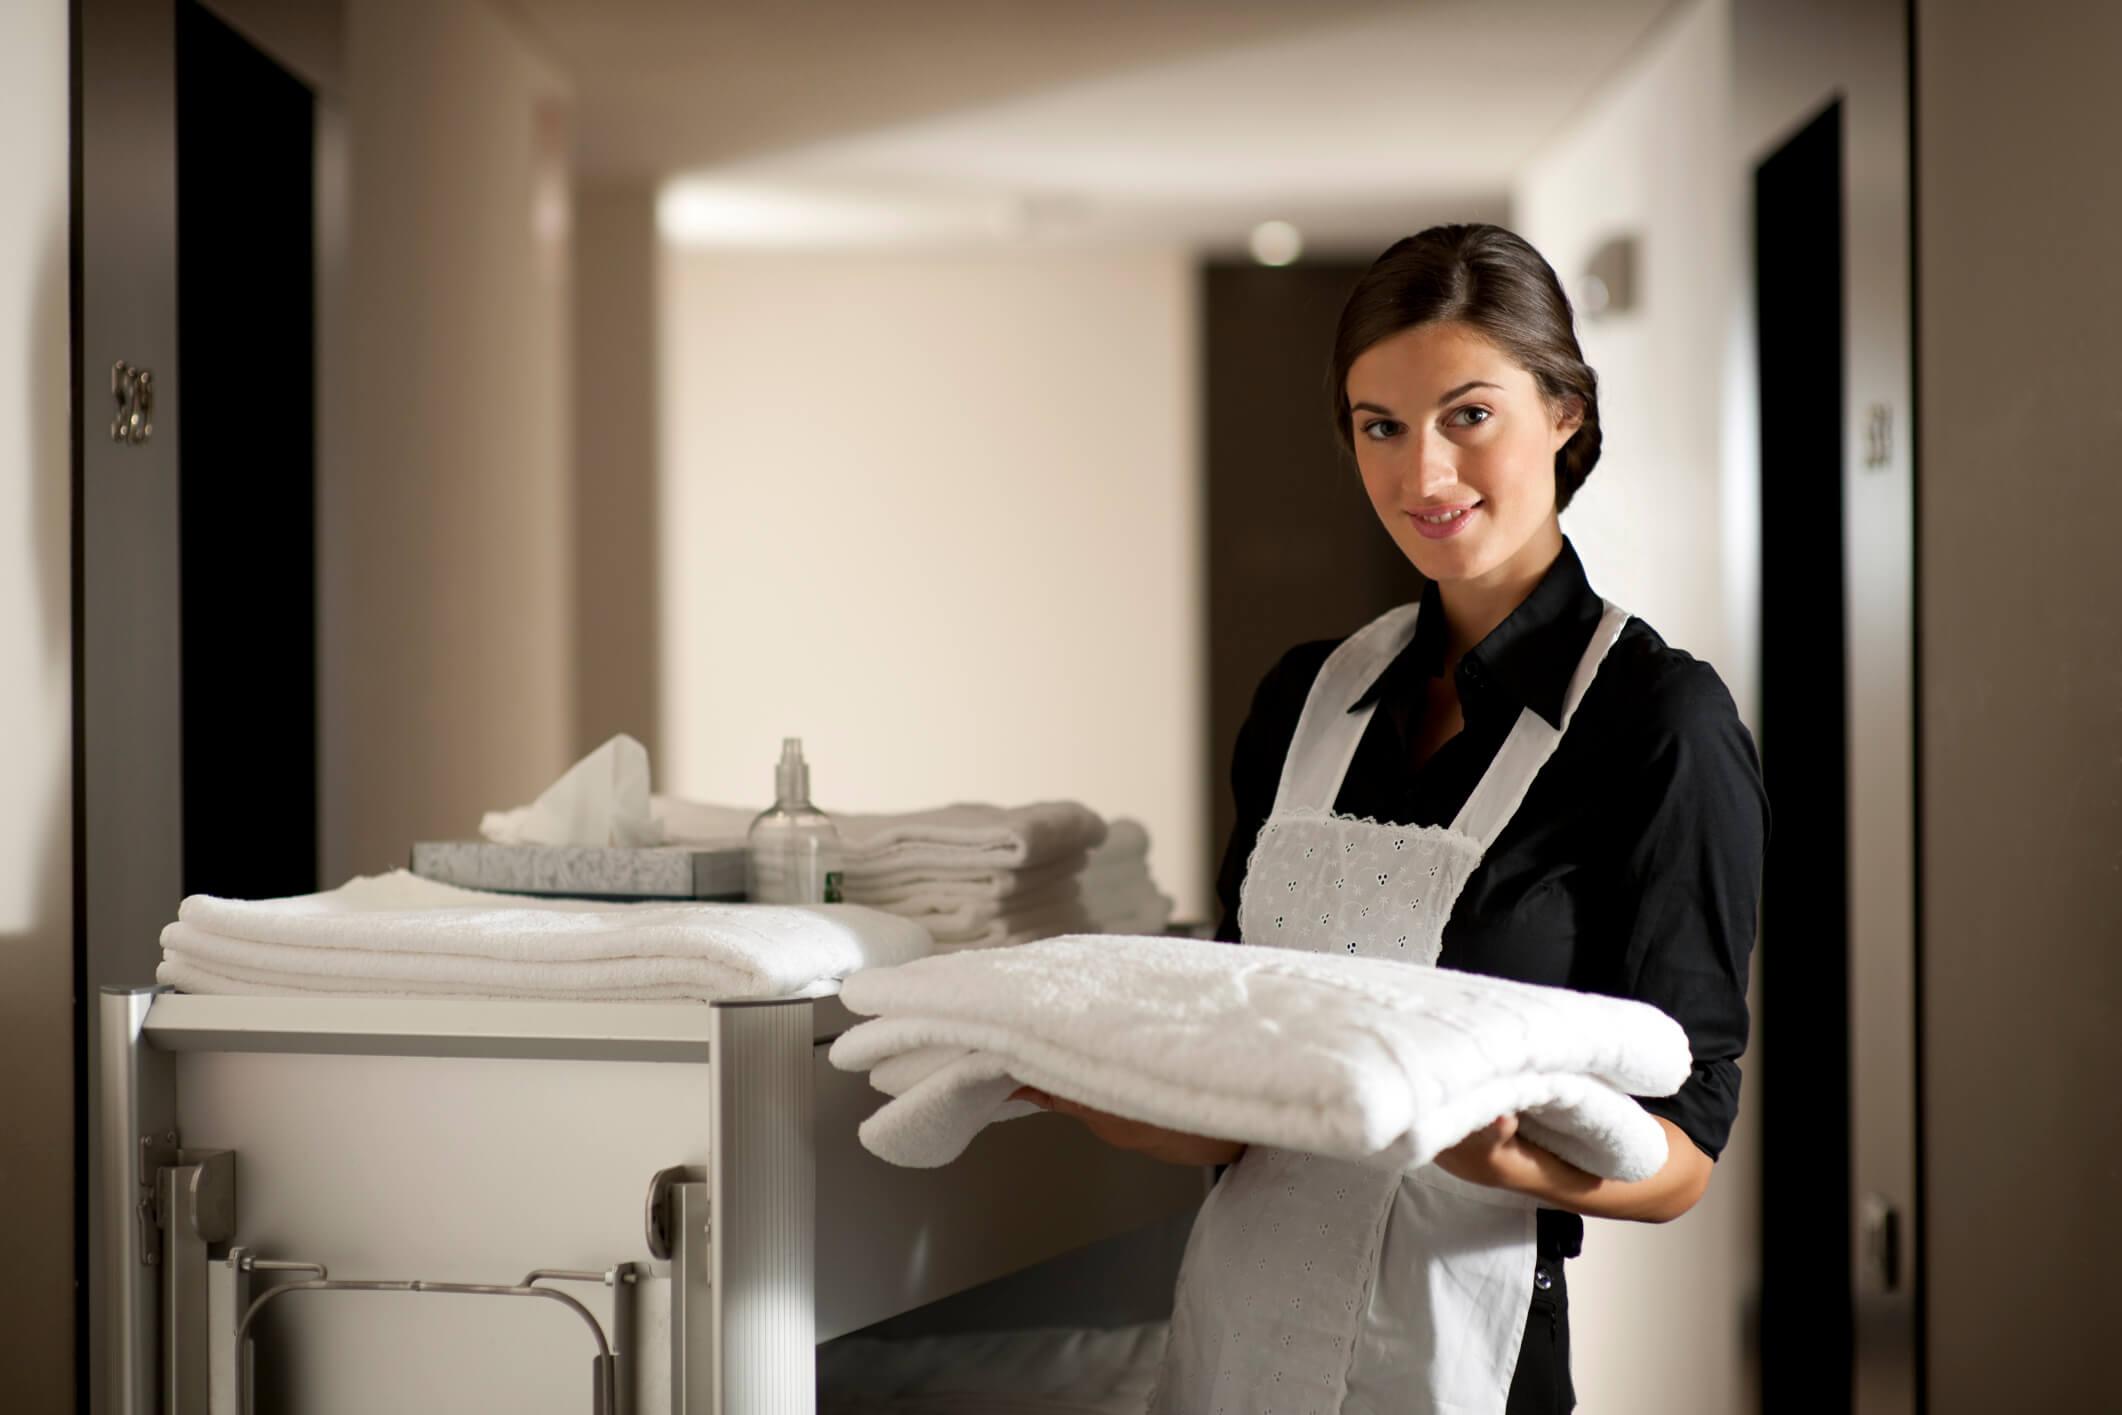 Gastvrij schoonmaakpersoneel voor hotels